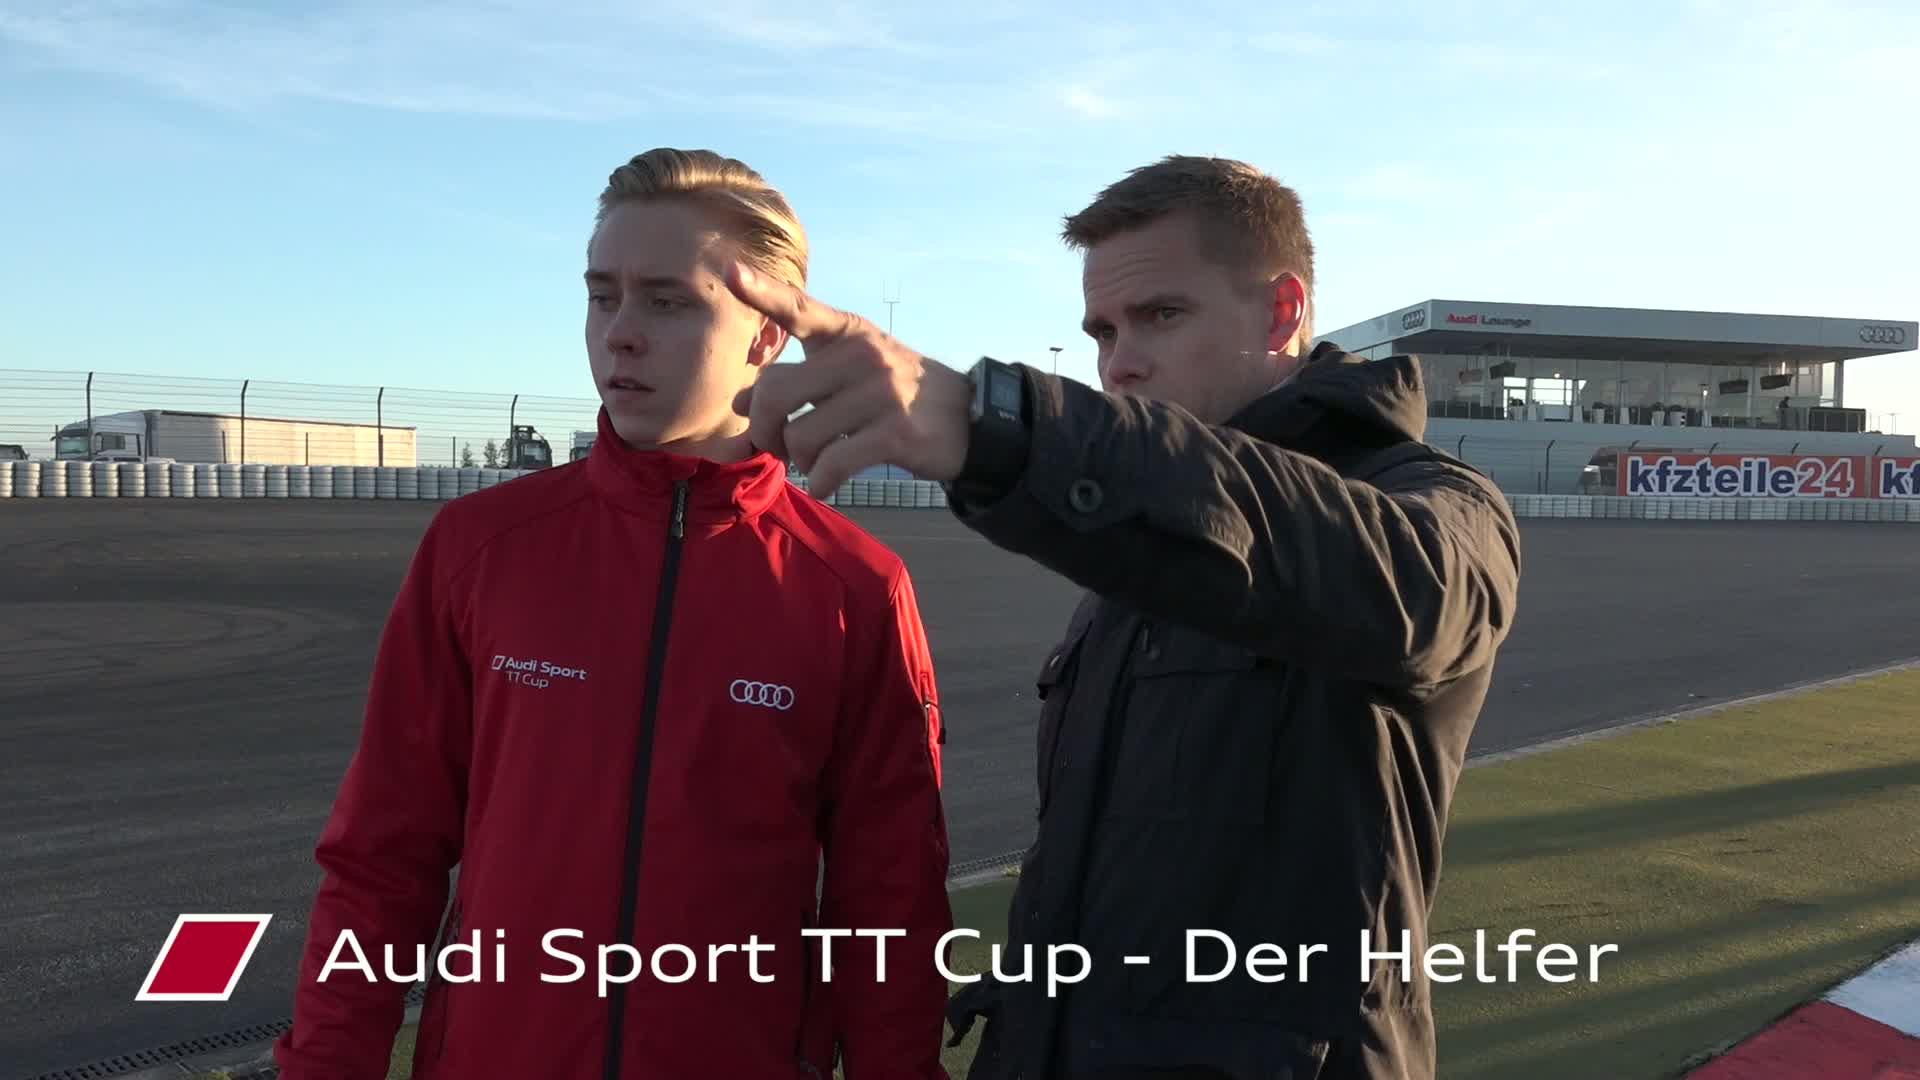 Audi Sport TT Cup – Der Helfer